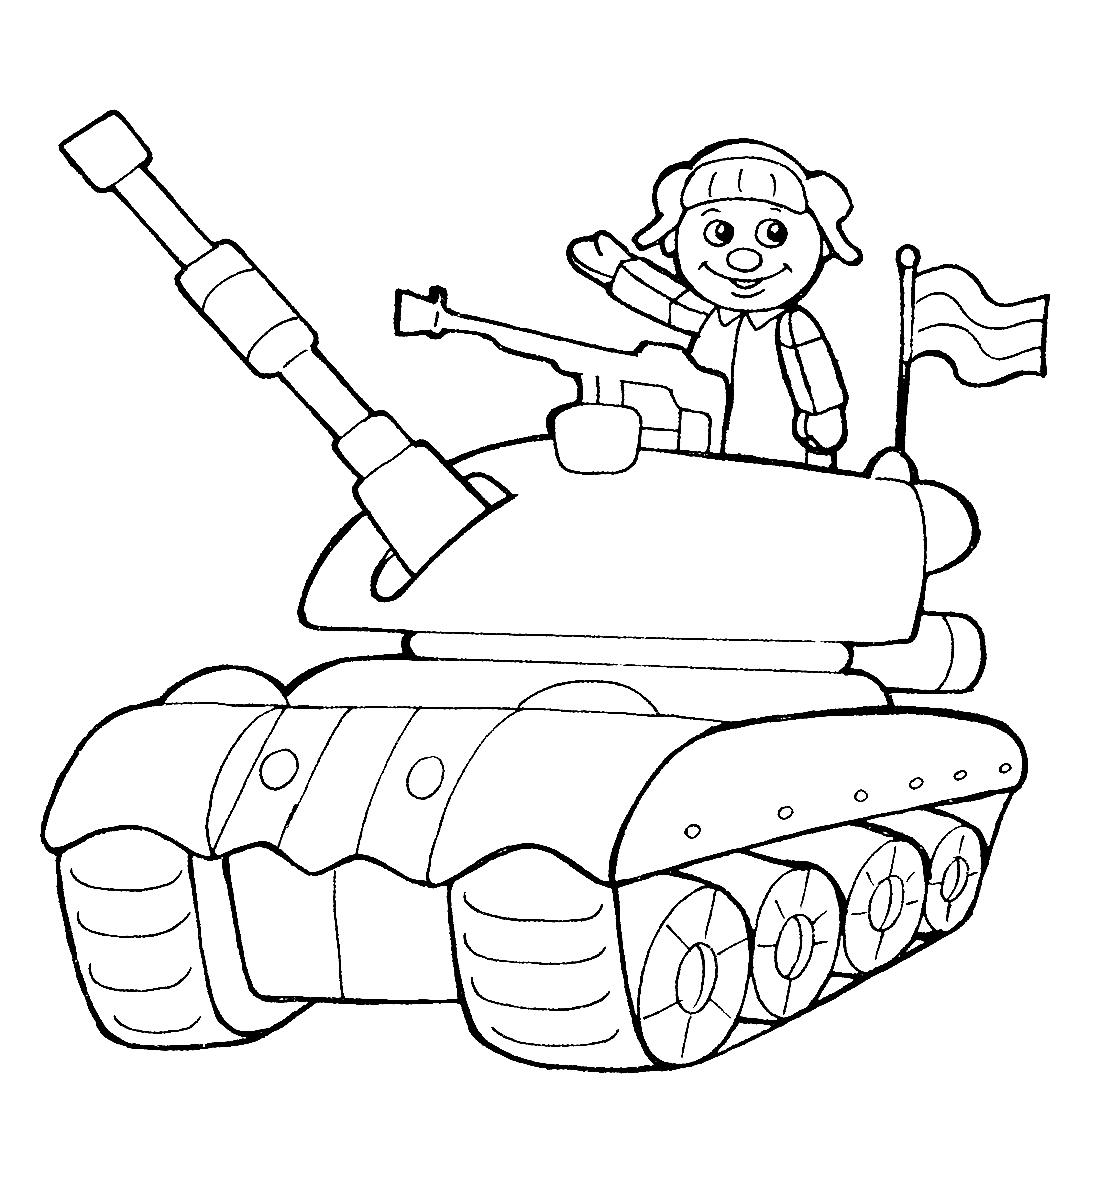 Военный в танке - раскраска №10438 | Printonic.ru